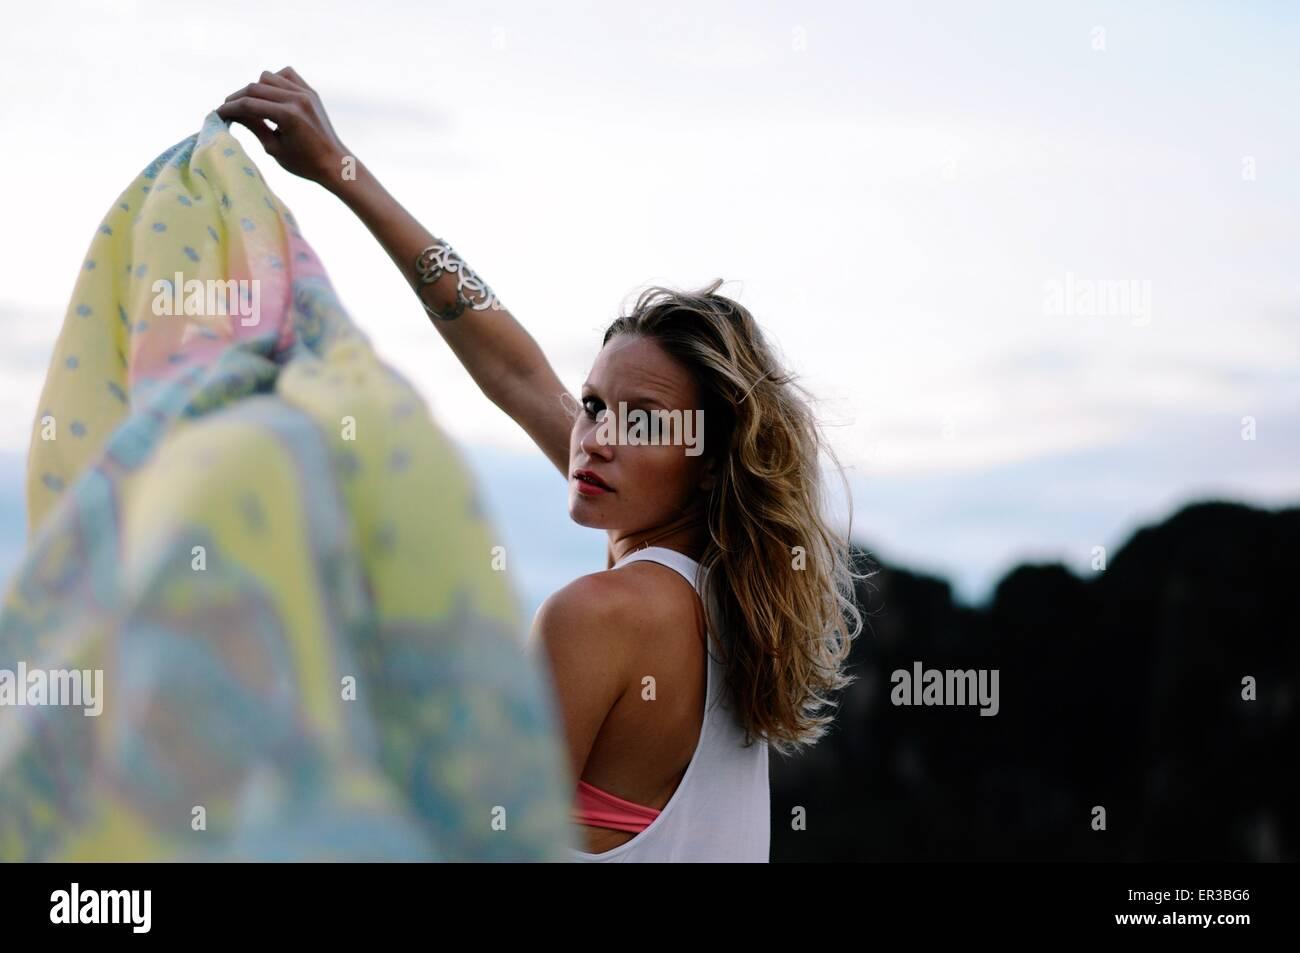 Frau hält einen Sarong im Wind am Strand Stockbild